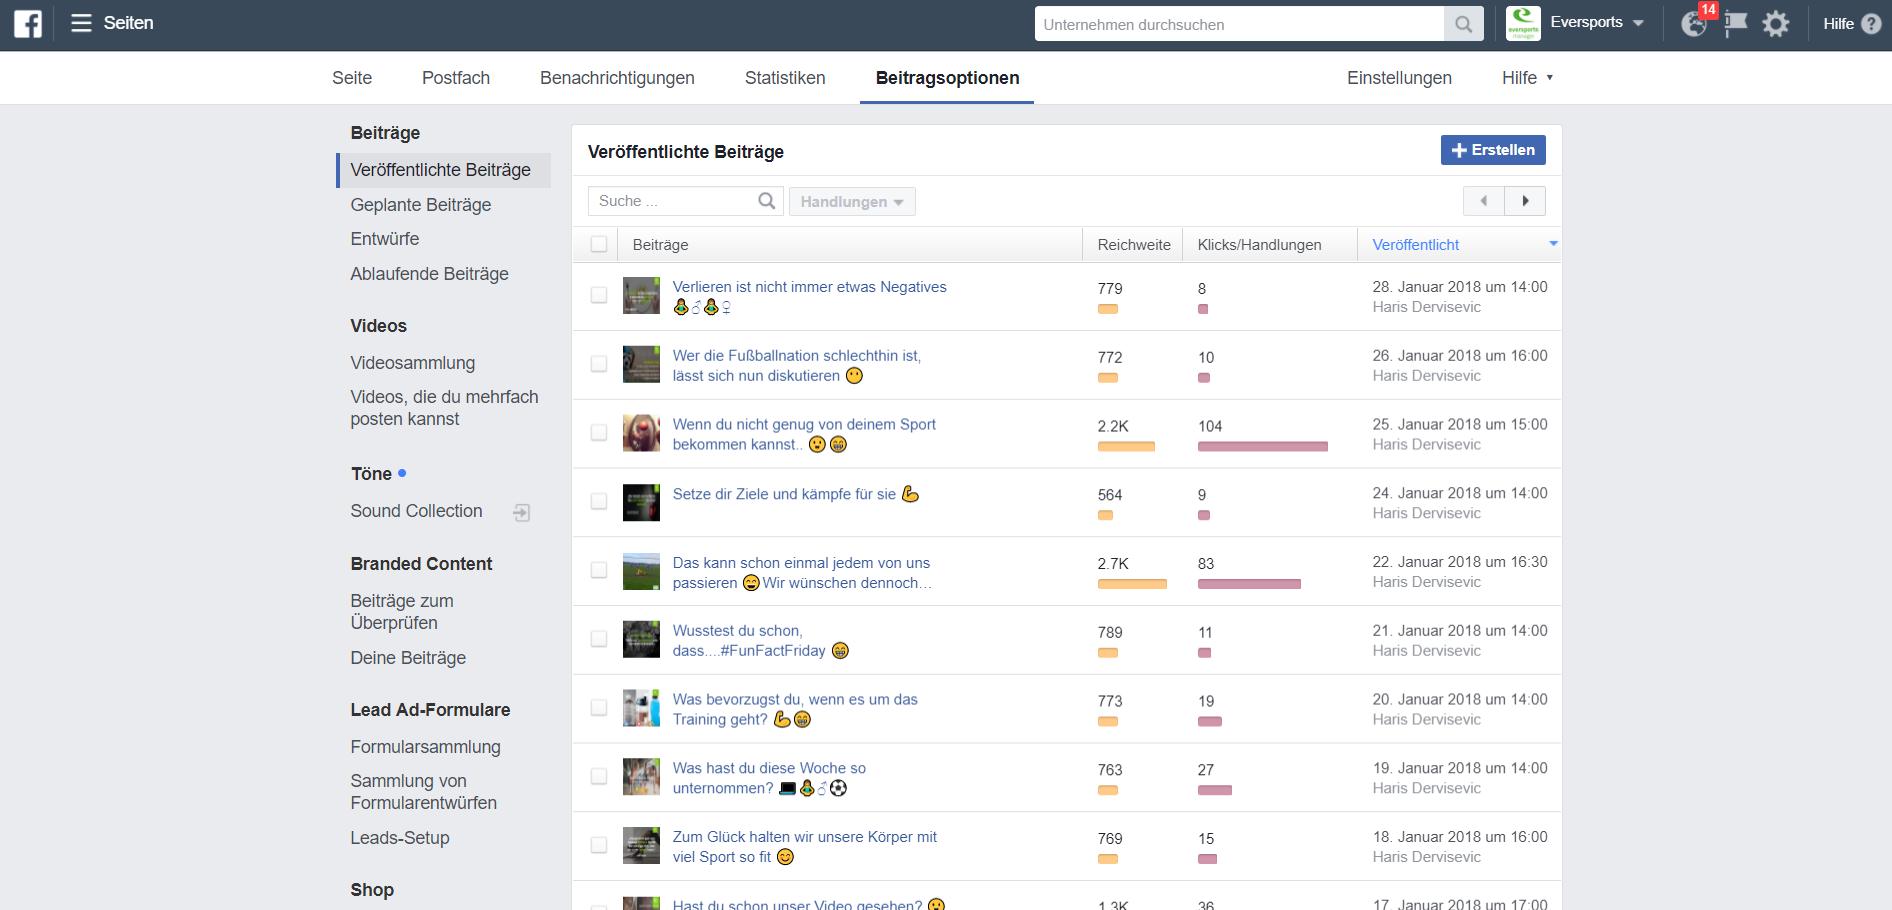 Facebook bietet die Möglichkeit, veröffentlichte und geplante Beiträge einzusehen.